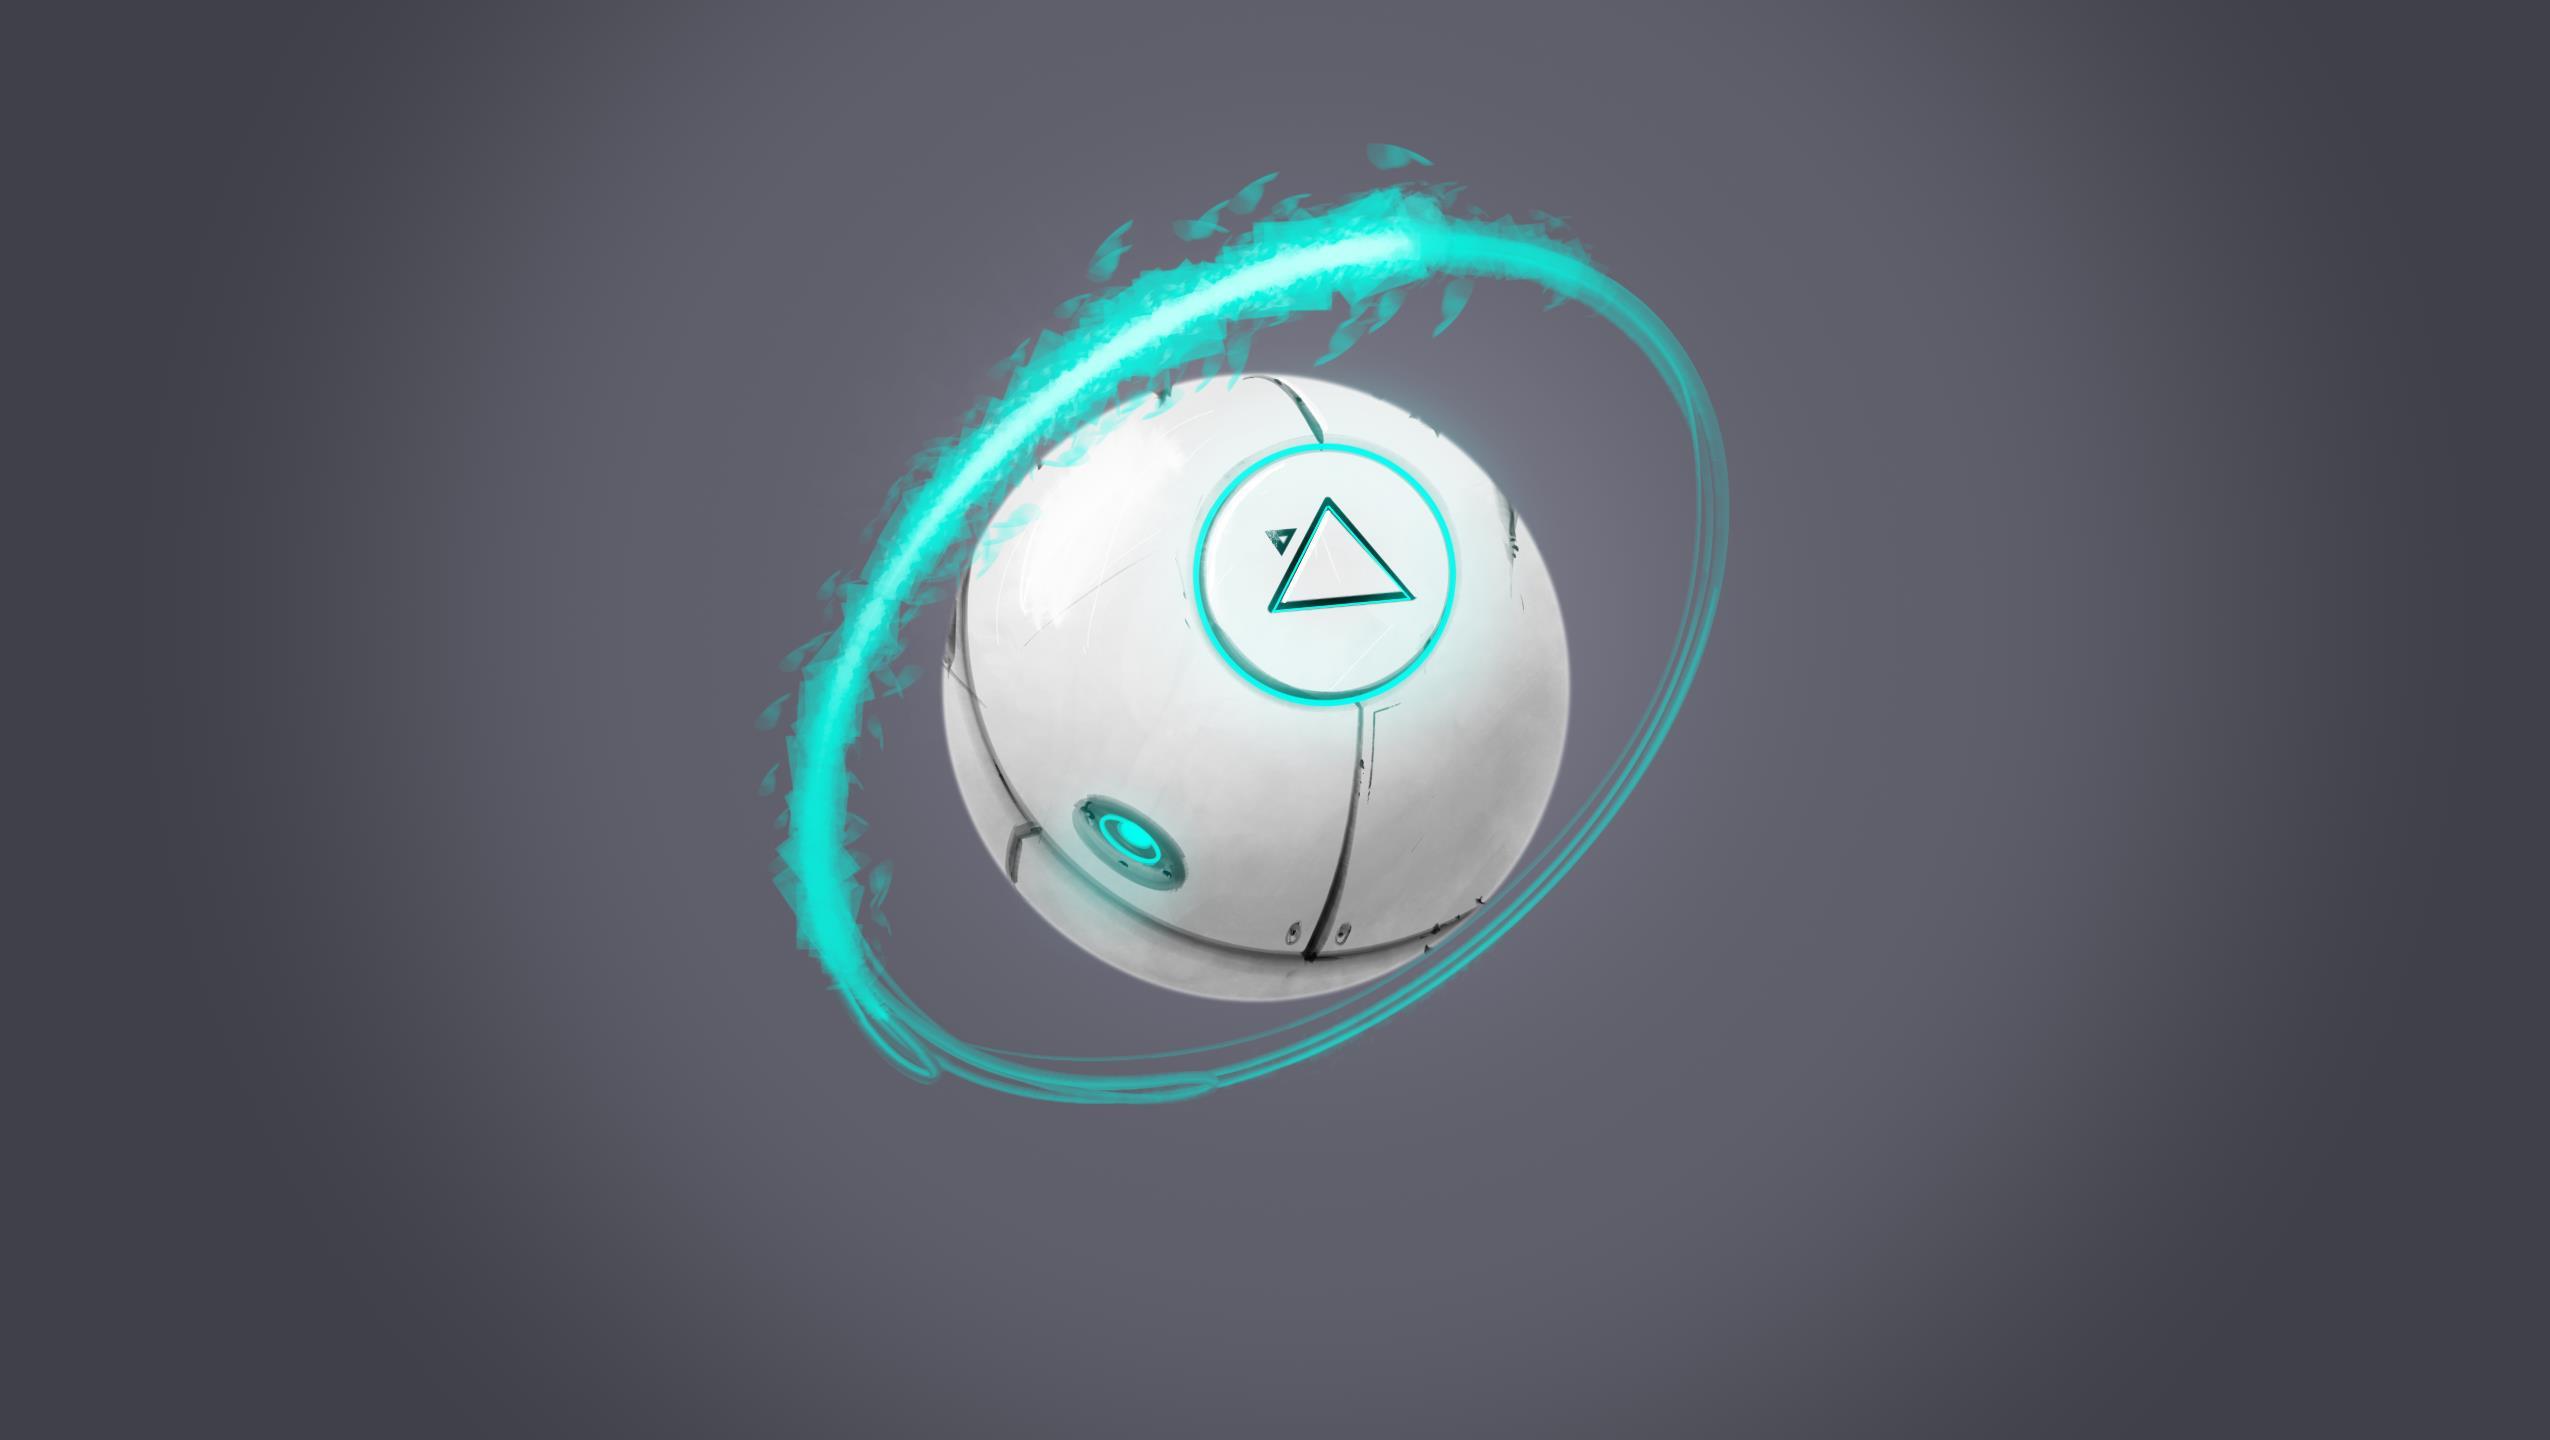 Ball concept design